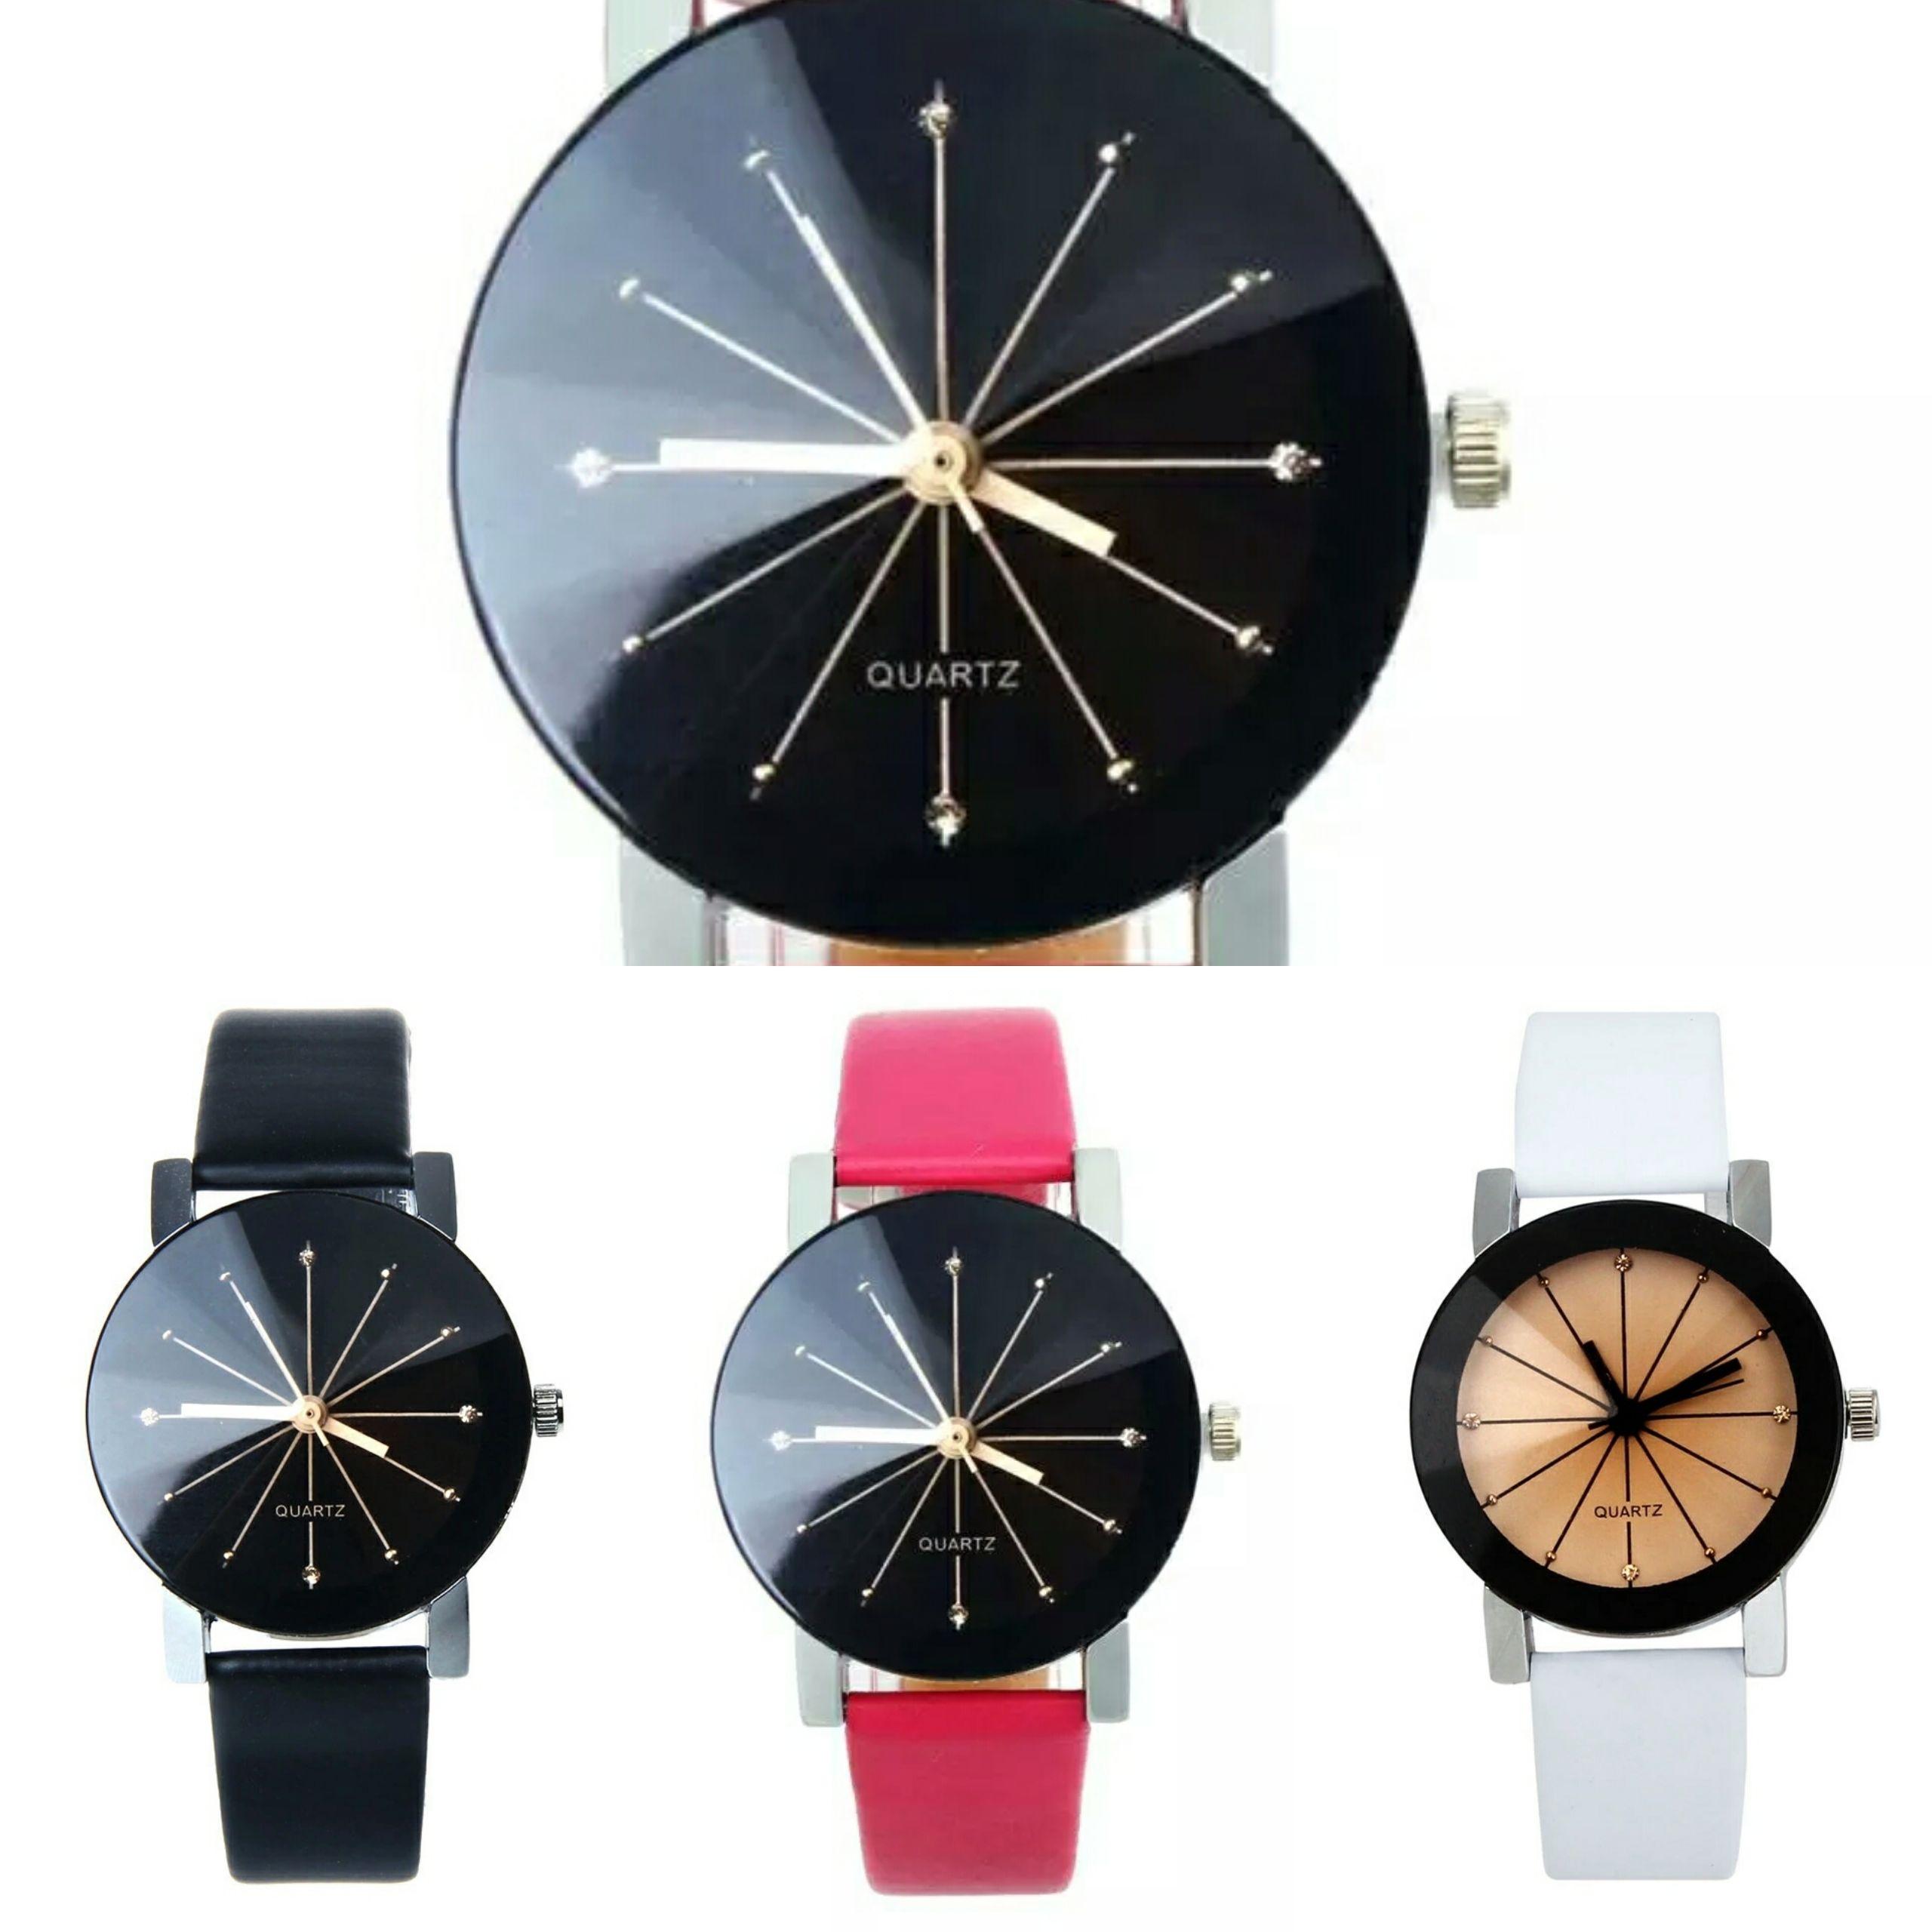 【136・137】石英ダイヤルクロッククォーツPUレザーアナログ腕時計3カラー